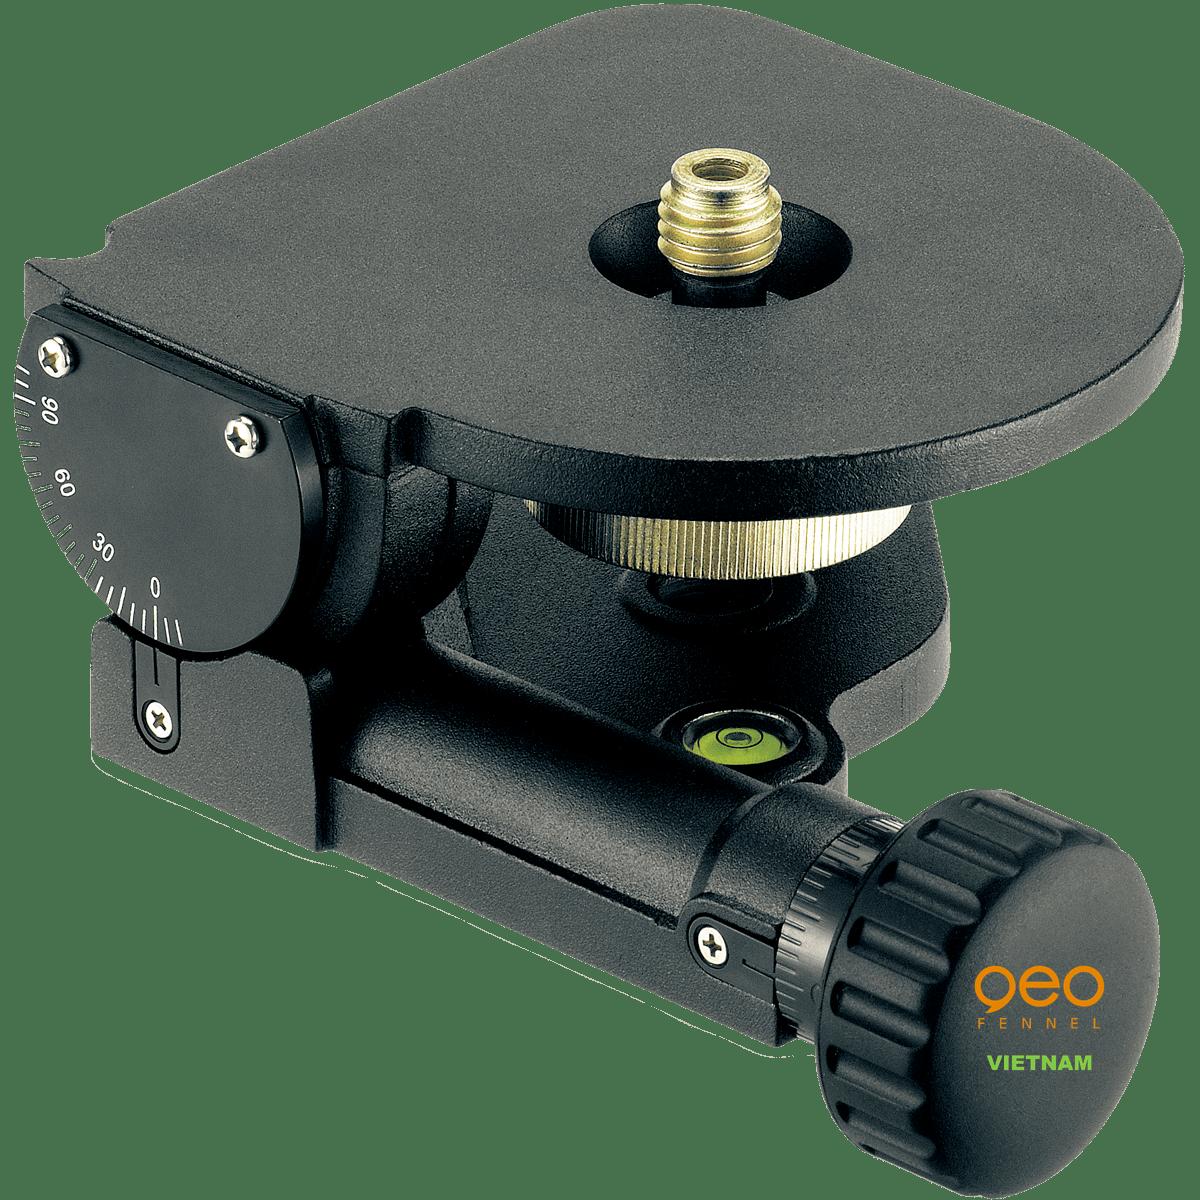 Đế chỉnh độ nghiêng máy laser Grade Mount | GEO-Fennel Vietnam.